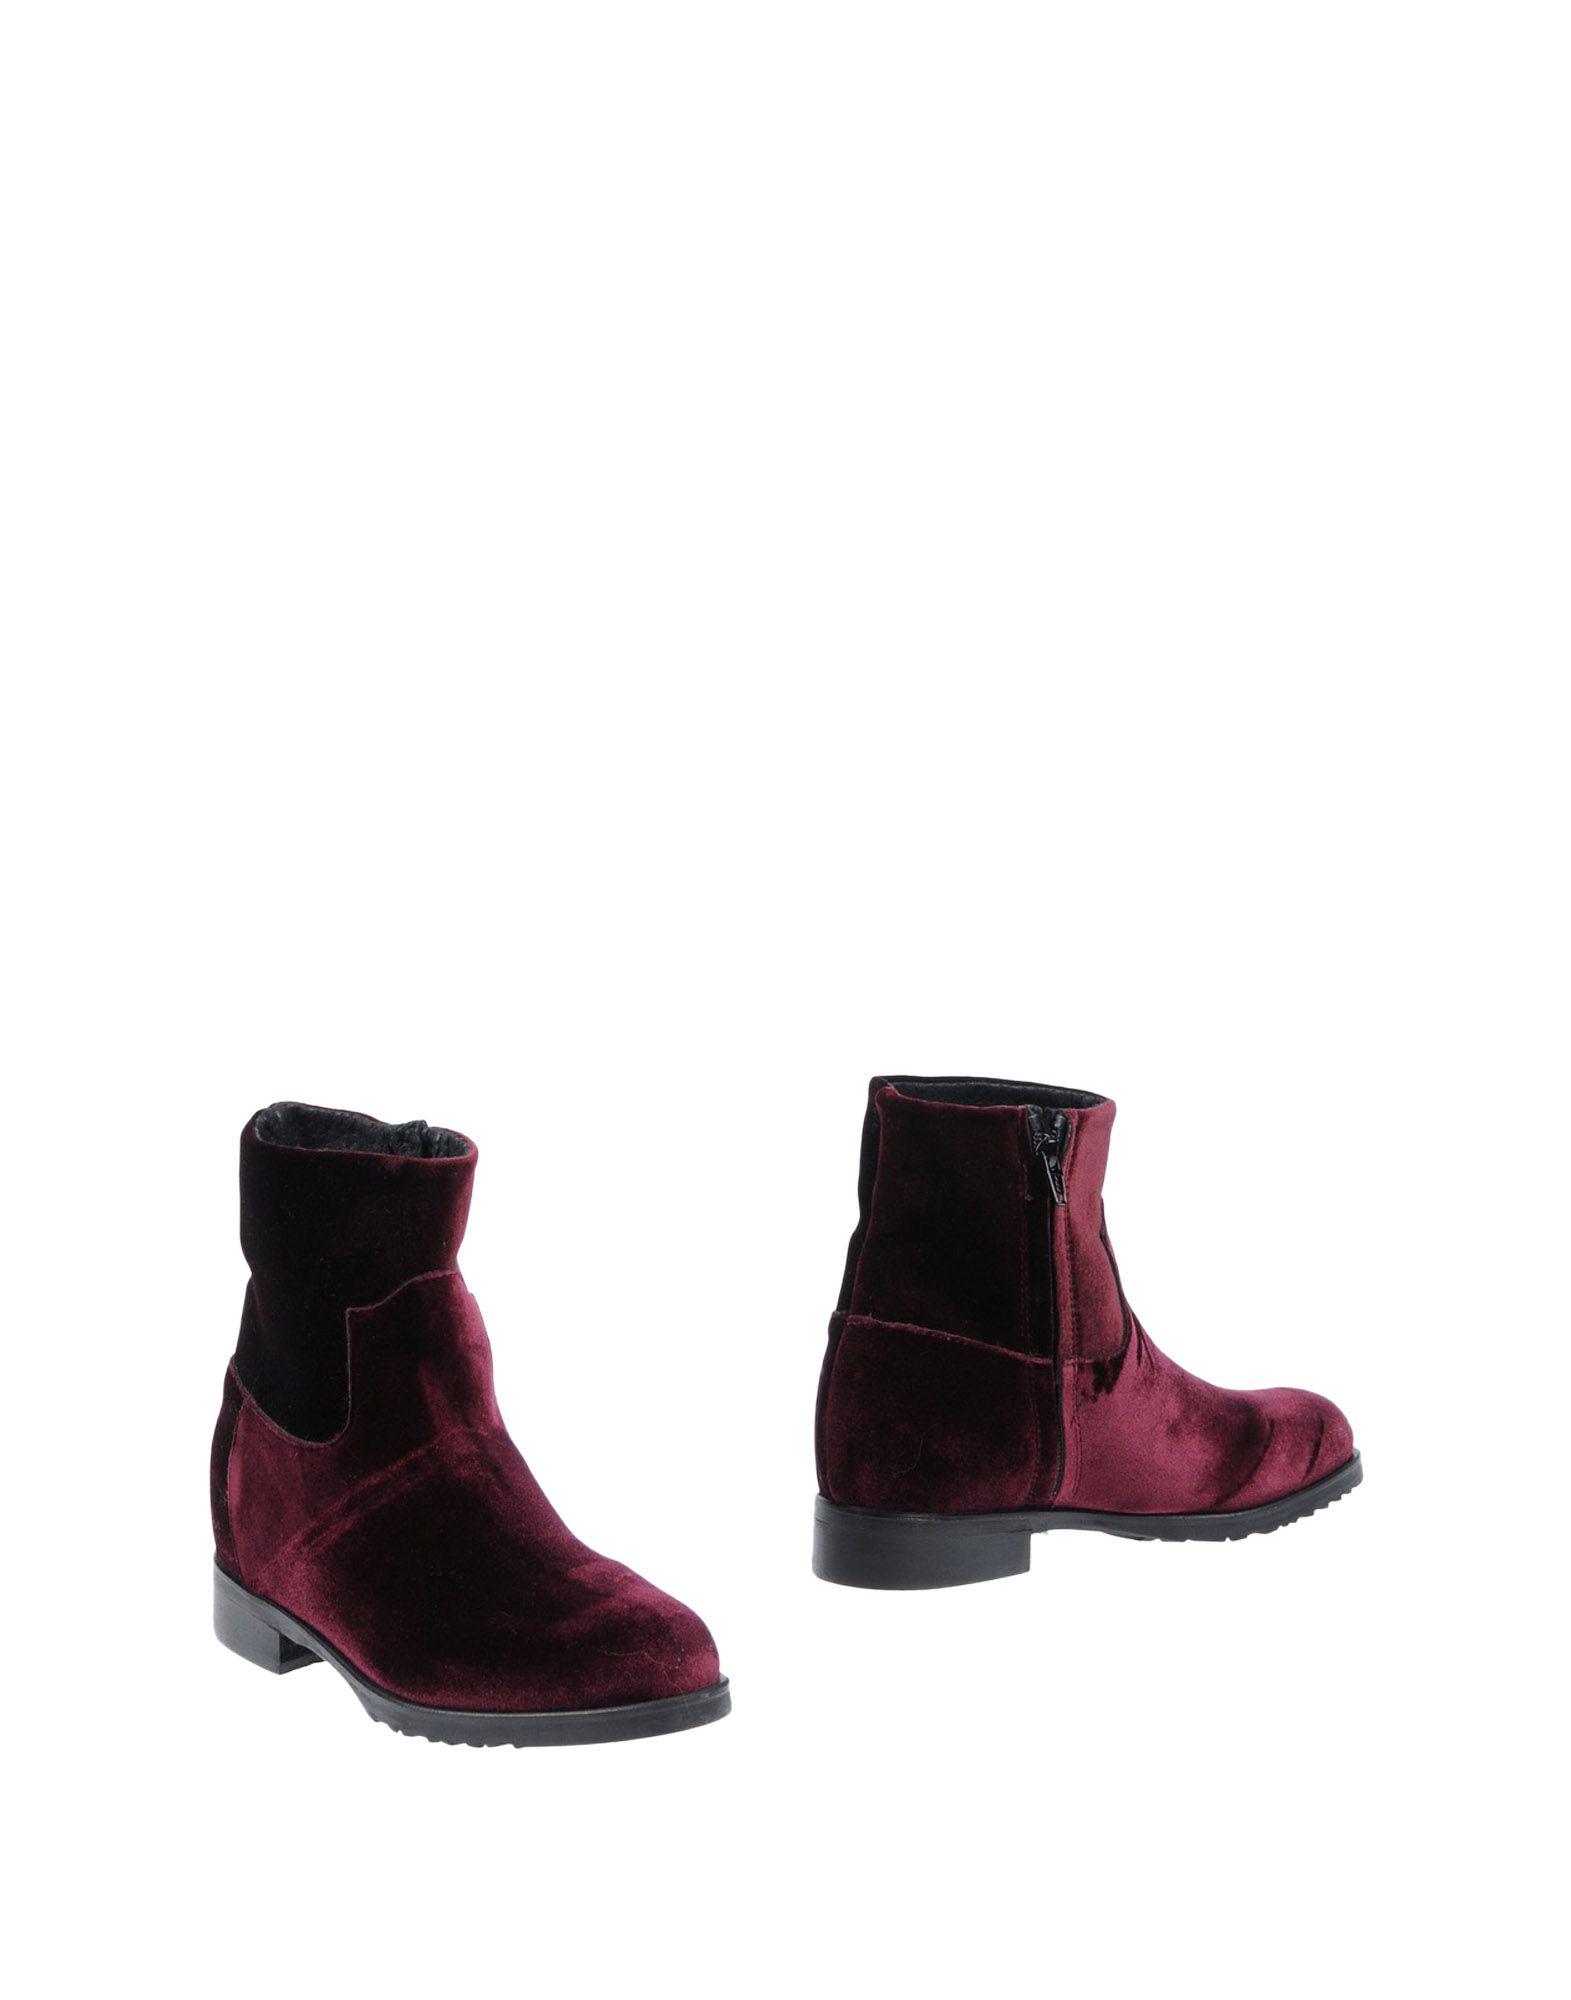 Silvian Heach Stiefelette Damen  11456483CT Gute Qualität beliebte Schuhe